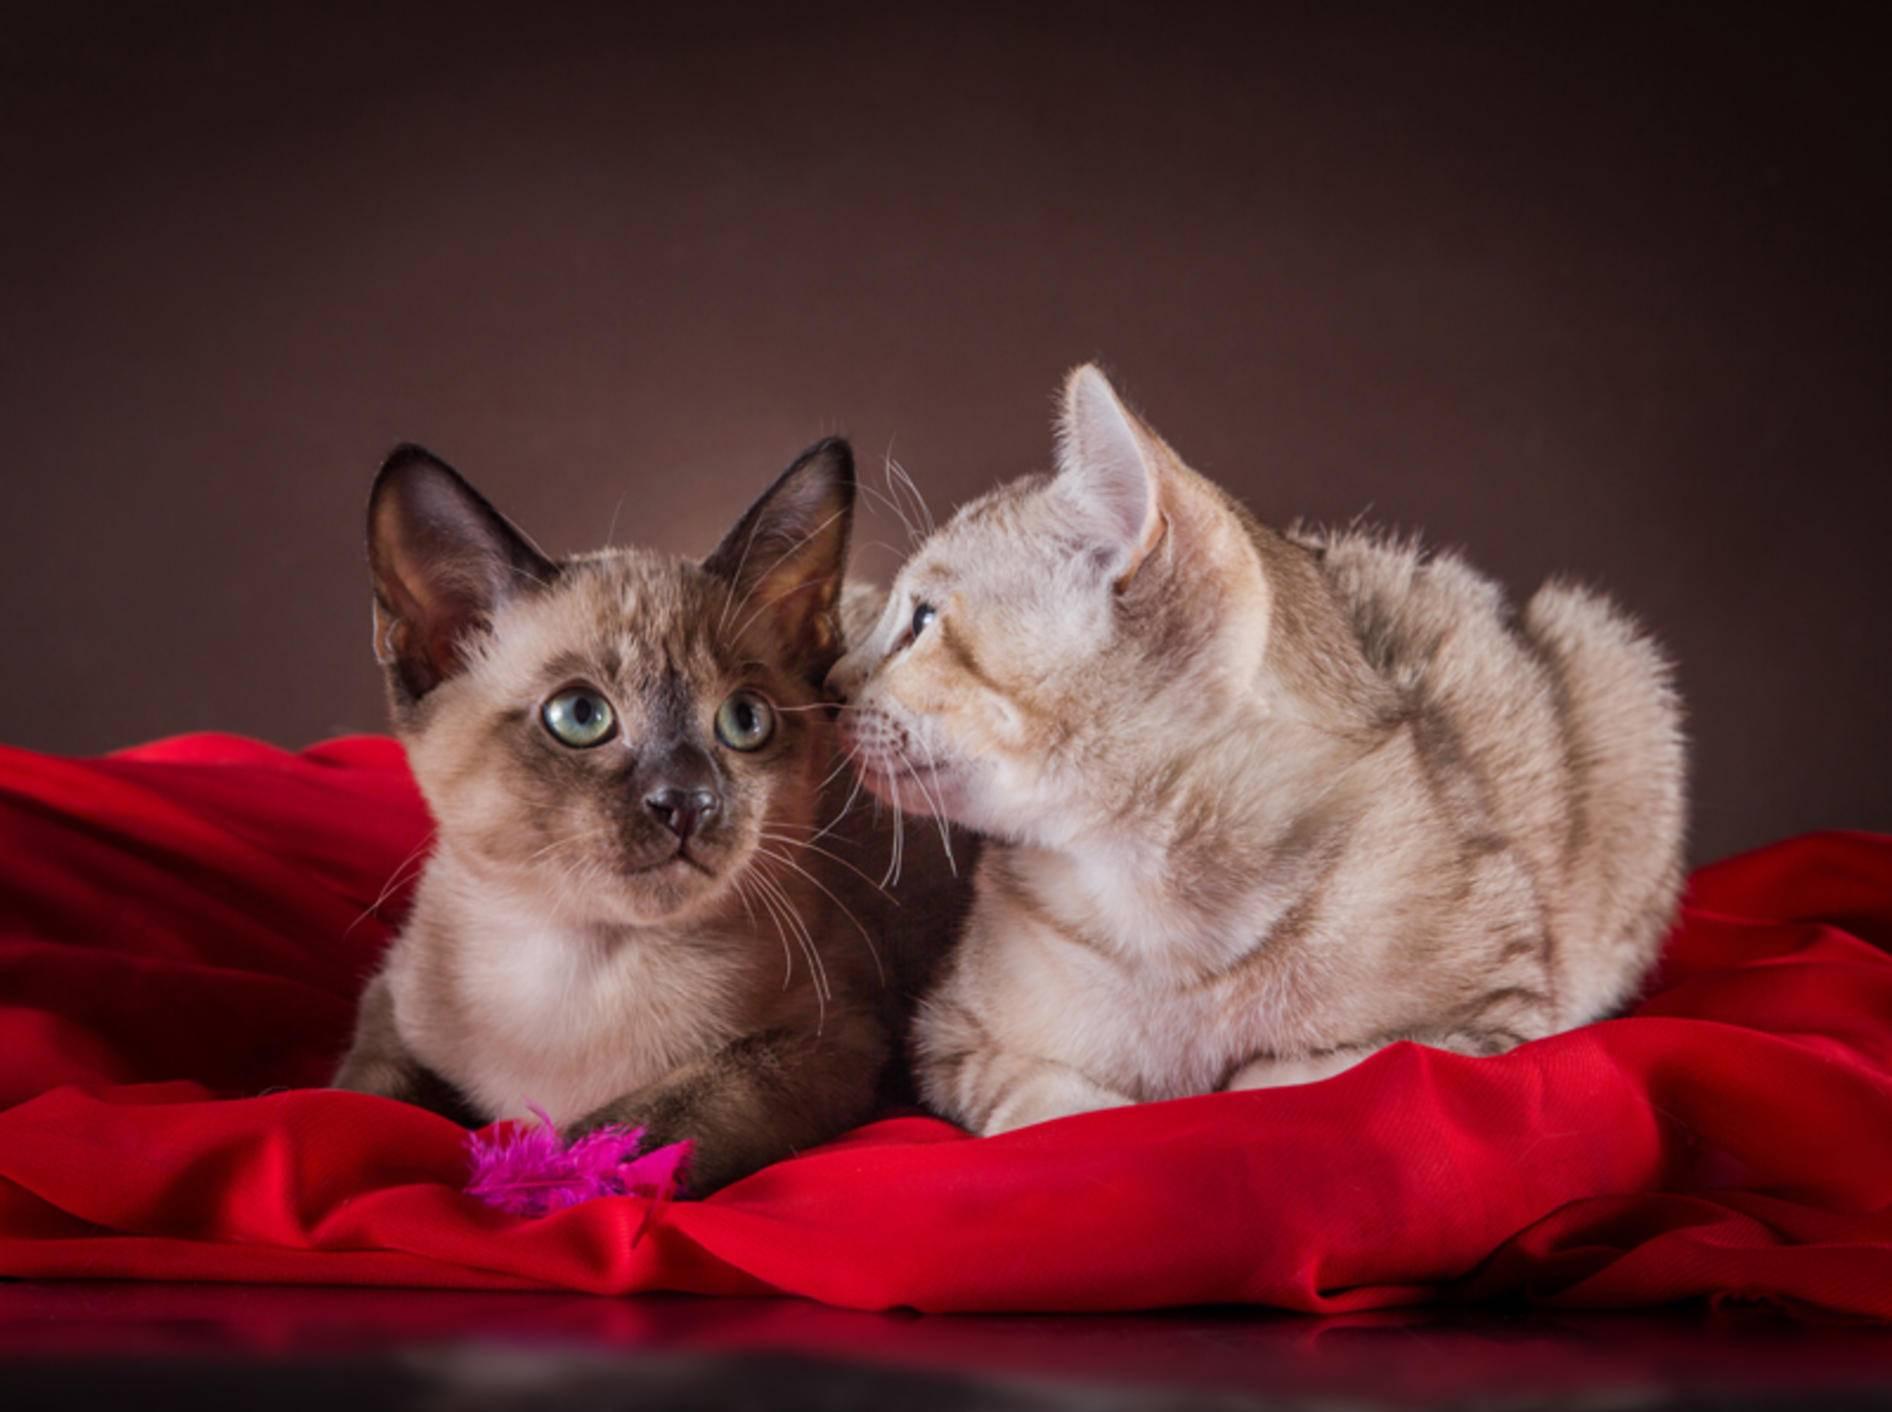 """""""Psst, hast du an den Kaufvertrag für uns gedacht?"""", flüstert das Kätzchen seinem Kumpel ins Ohr – Shutterstock / dezi"""